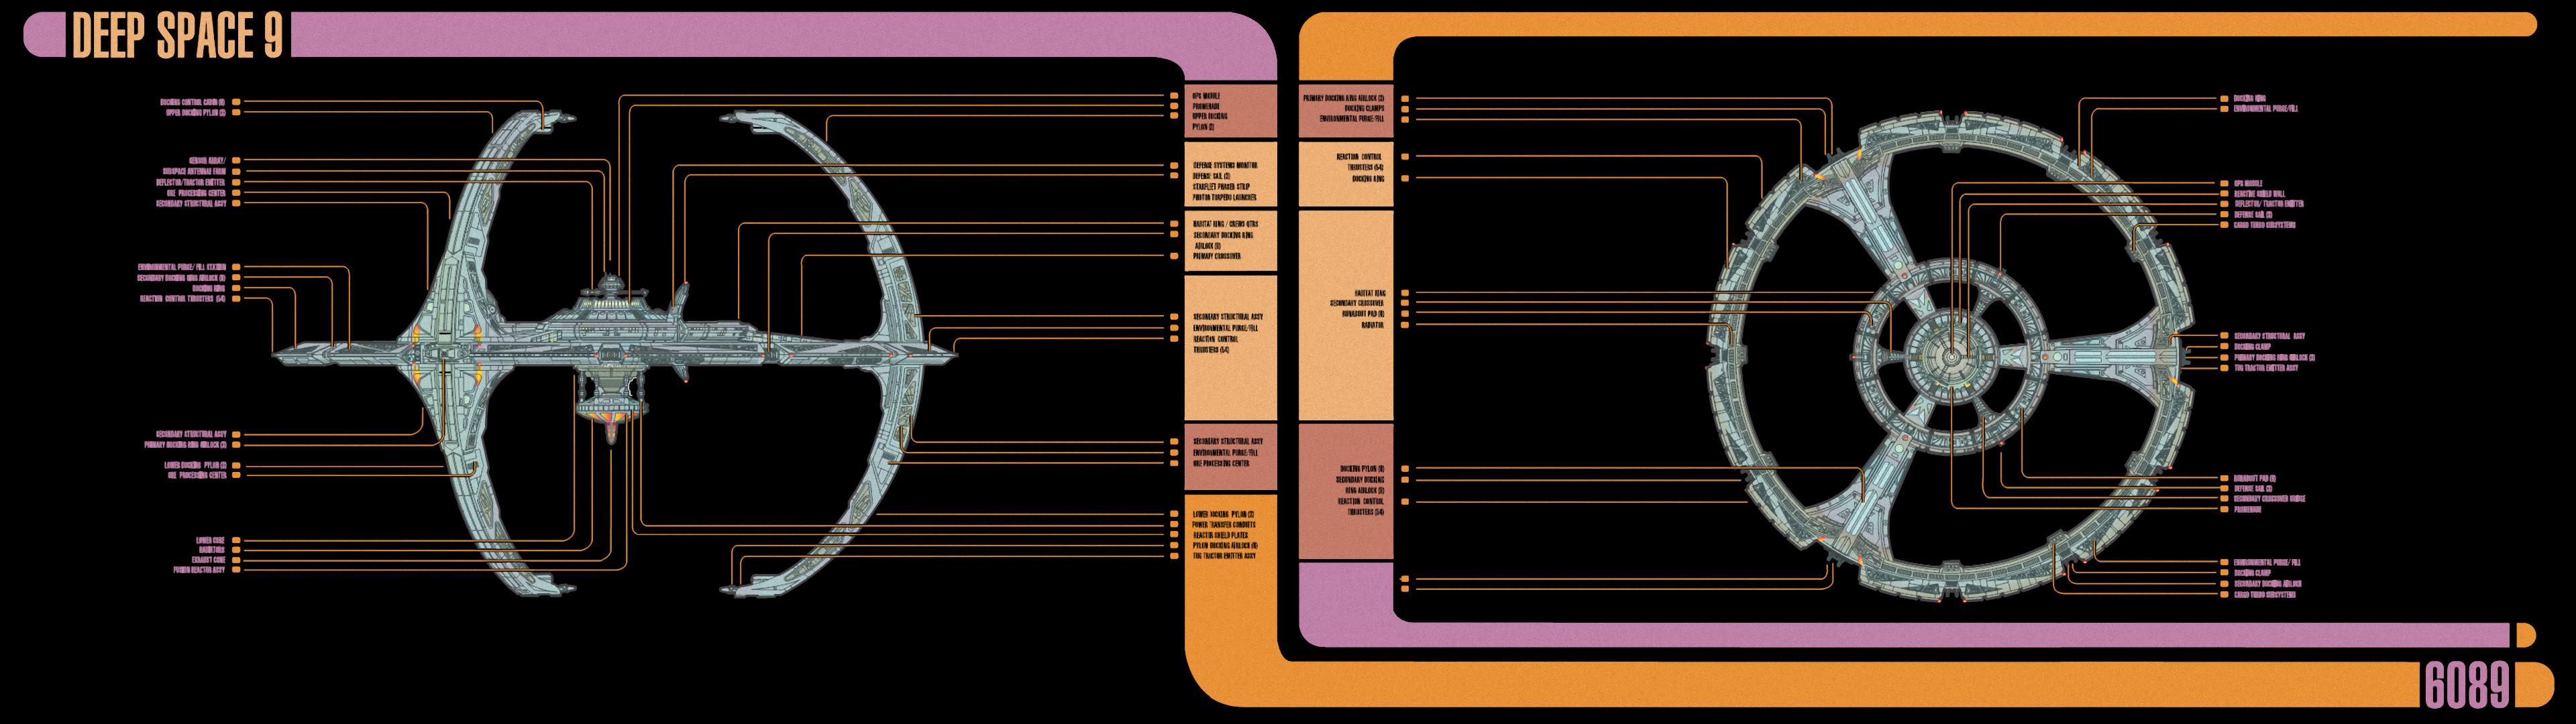 Star Trek DS9 MSD dual-screen wallpaper